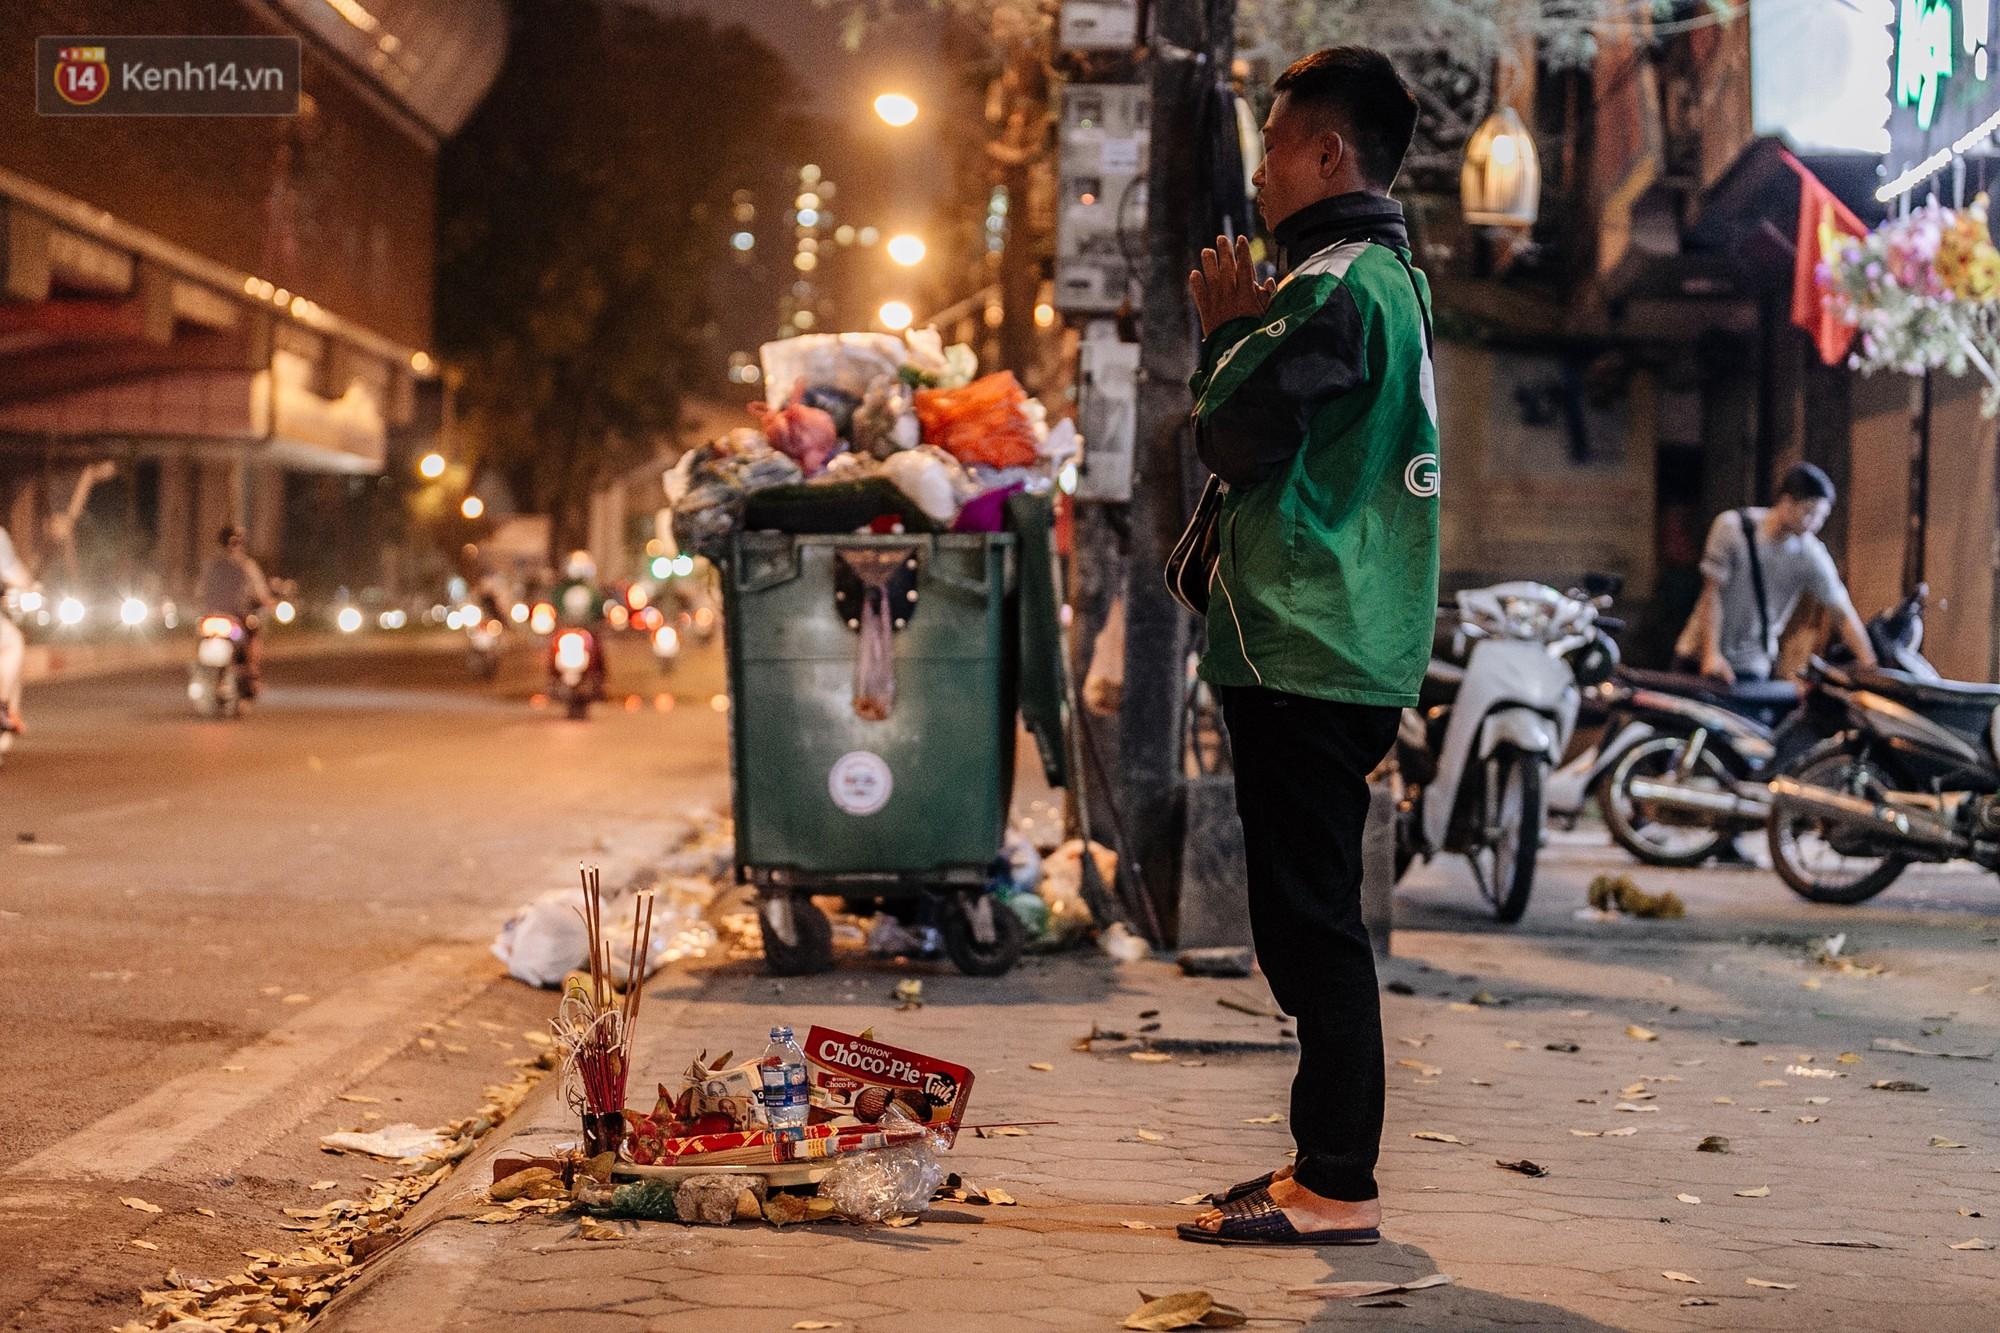 Sự ra đi của nữ công nhân môi trường và nỗi ám ảnh người ở lại: Những phận đời phu rác bám đường phố Hà Nội mưu sinh-9